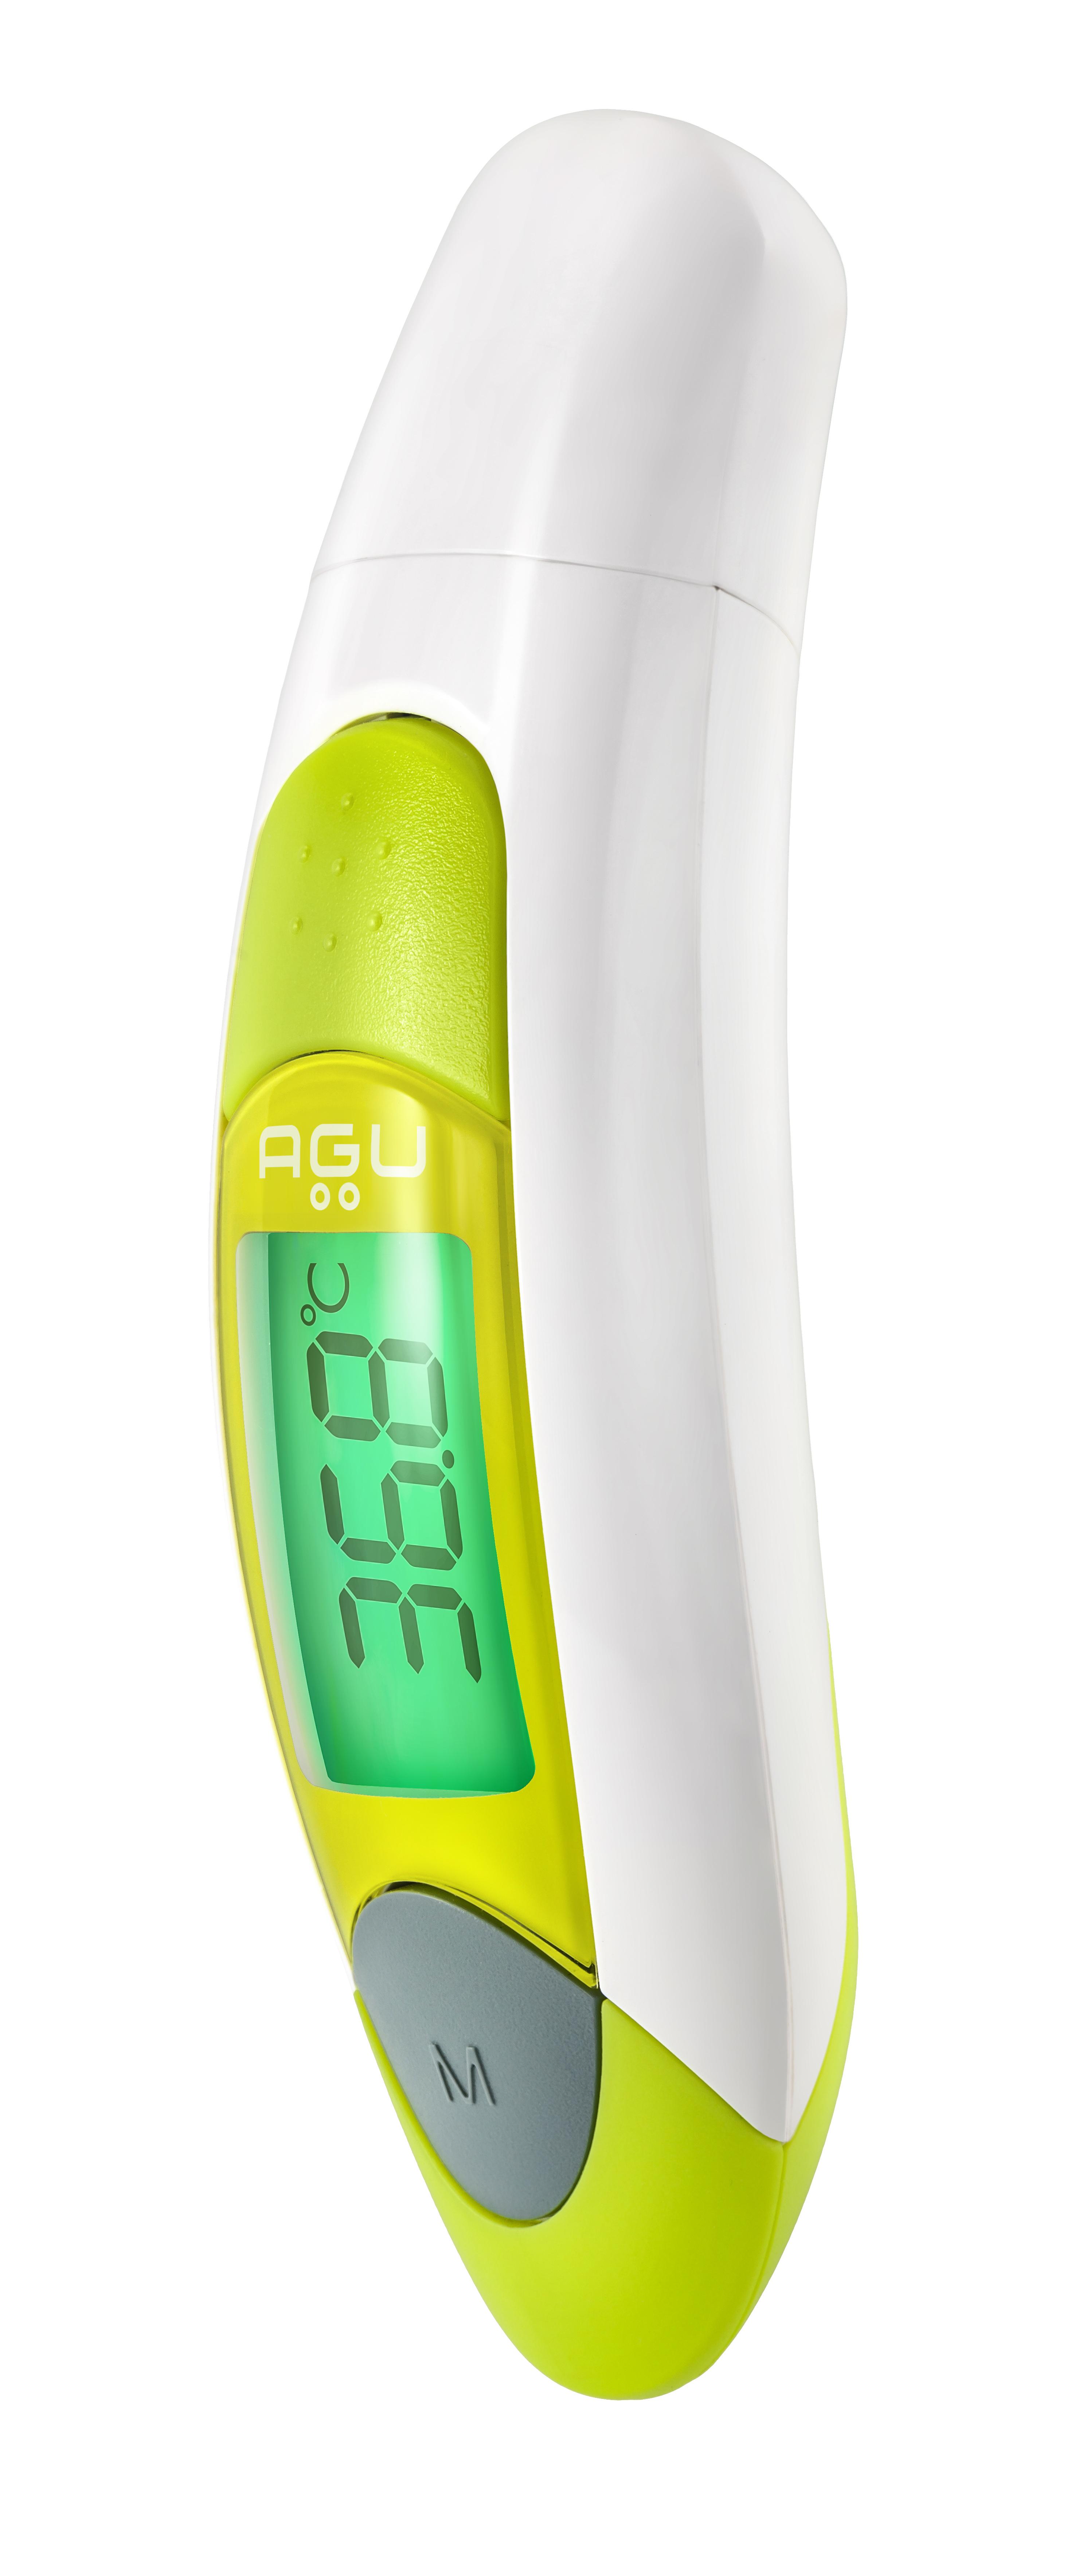 Nhiệt kế  hồng ngoại không tiếp xúc đo nhanh kết quả chính xác Máy Nhiệt kế hồng ngoại Agu TS31(Bảo  Hành 3 năm chính hãng)